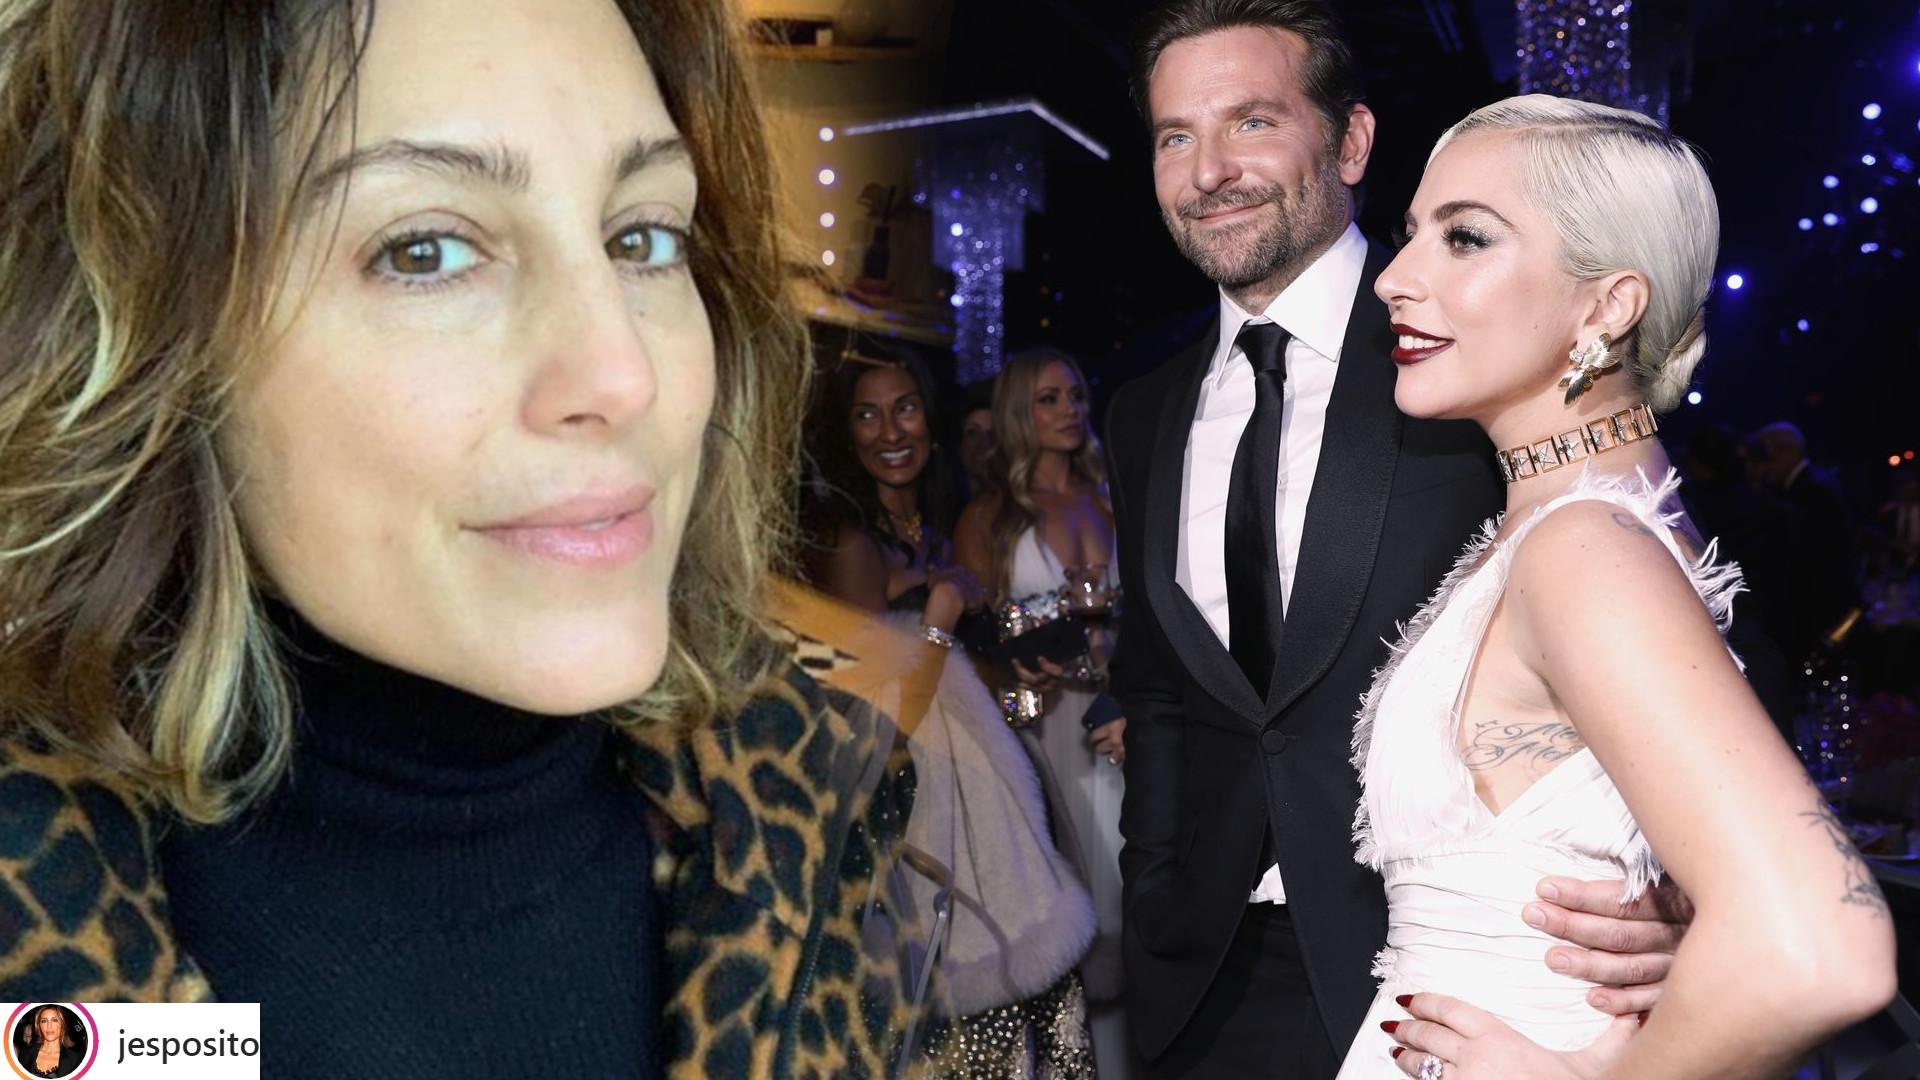 Była żona Bradleya Coopera SKOMENTOWAŁA jego znajomość z Lady Gagą